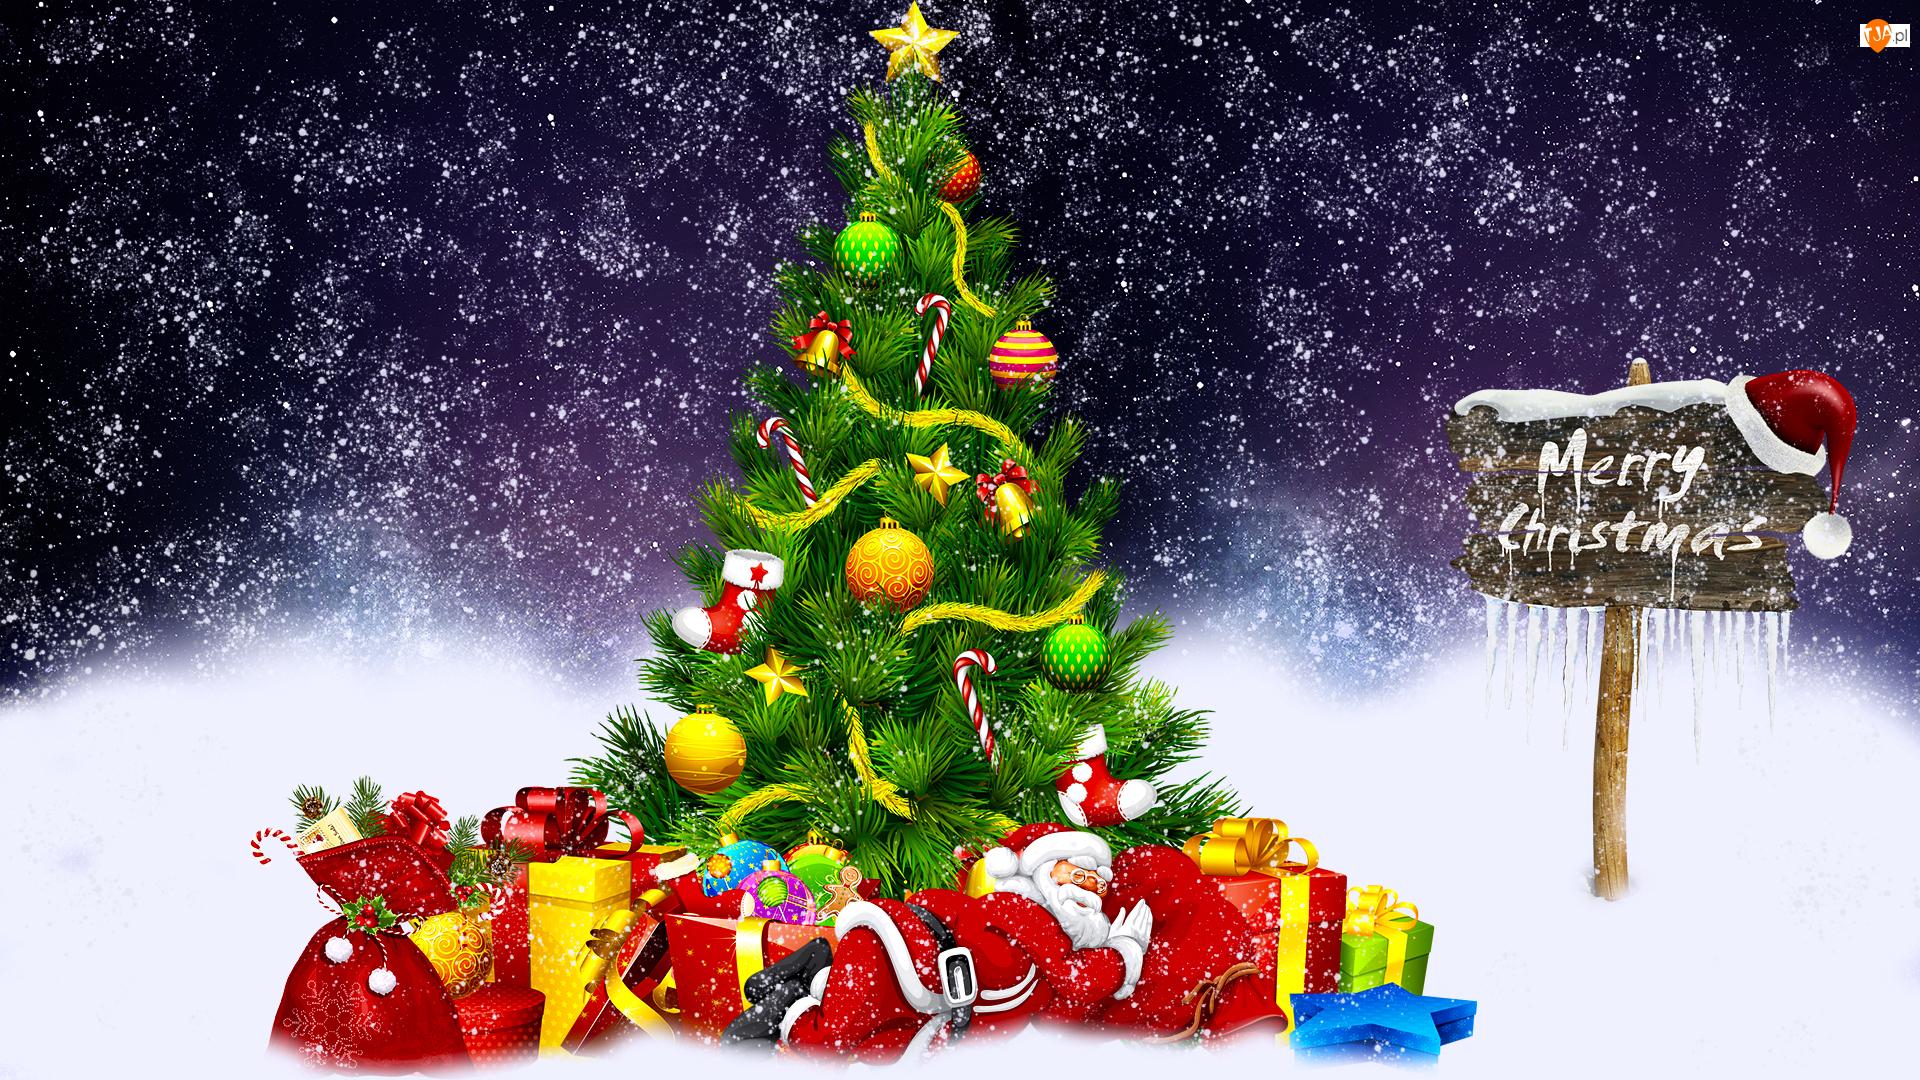 Śnieg, Choinka, Mikołaj, Grafika 2D, Prezenty, Boże Narodzenie